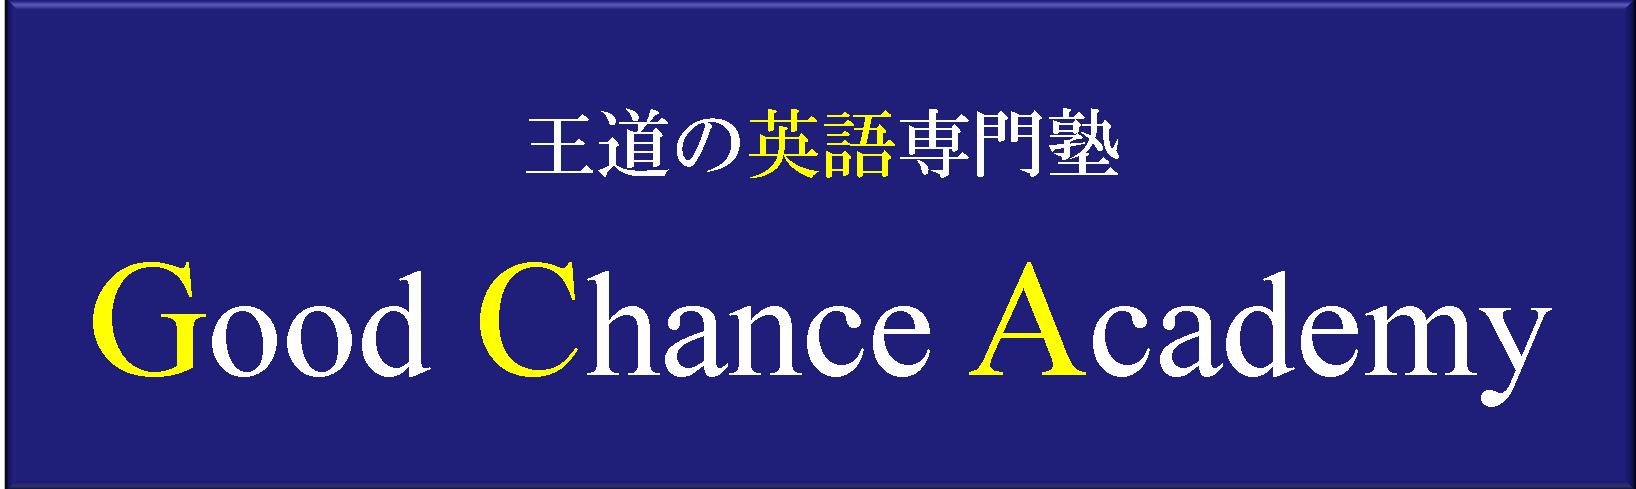 福岡市天神|王道の英語専門塾 GCA